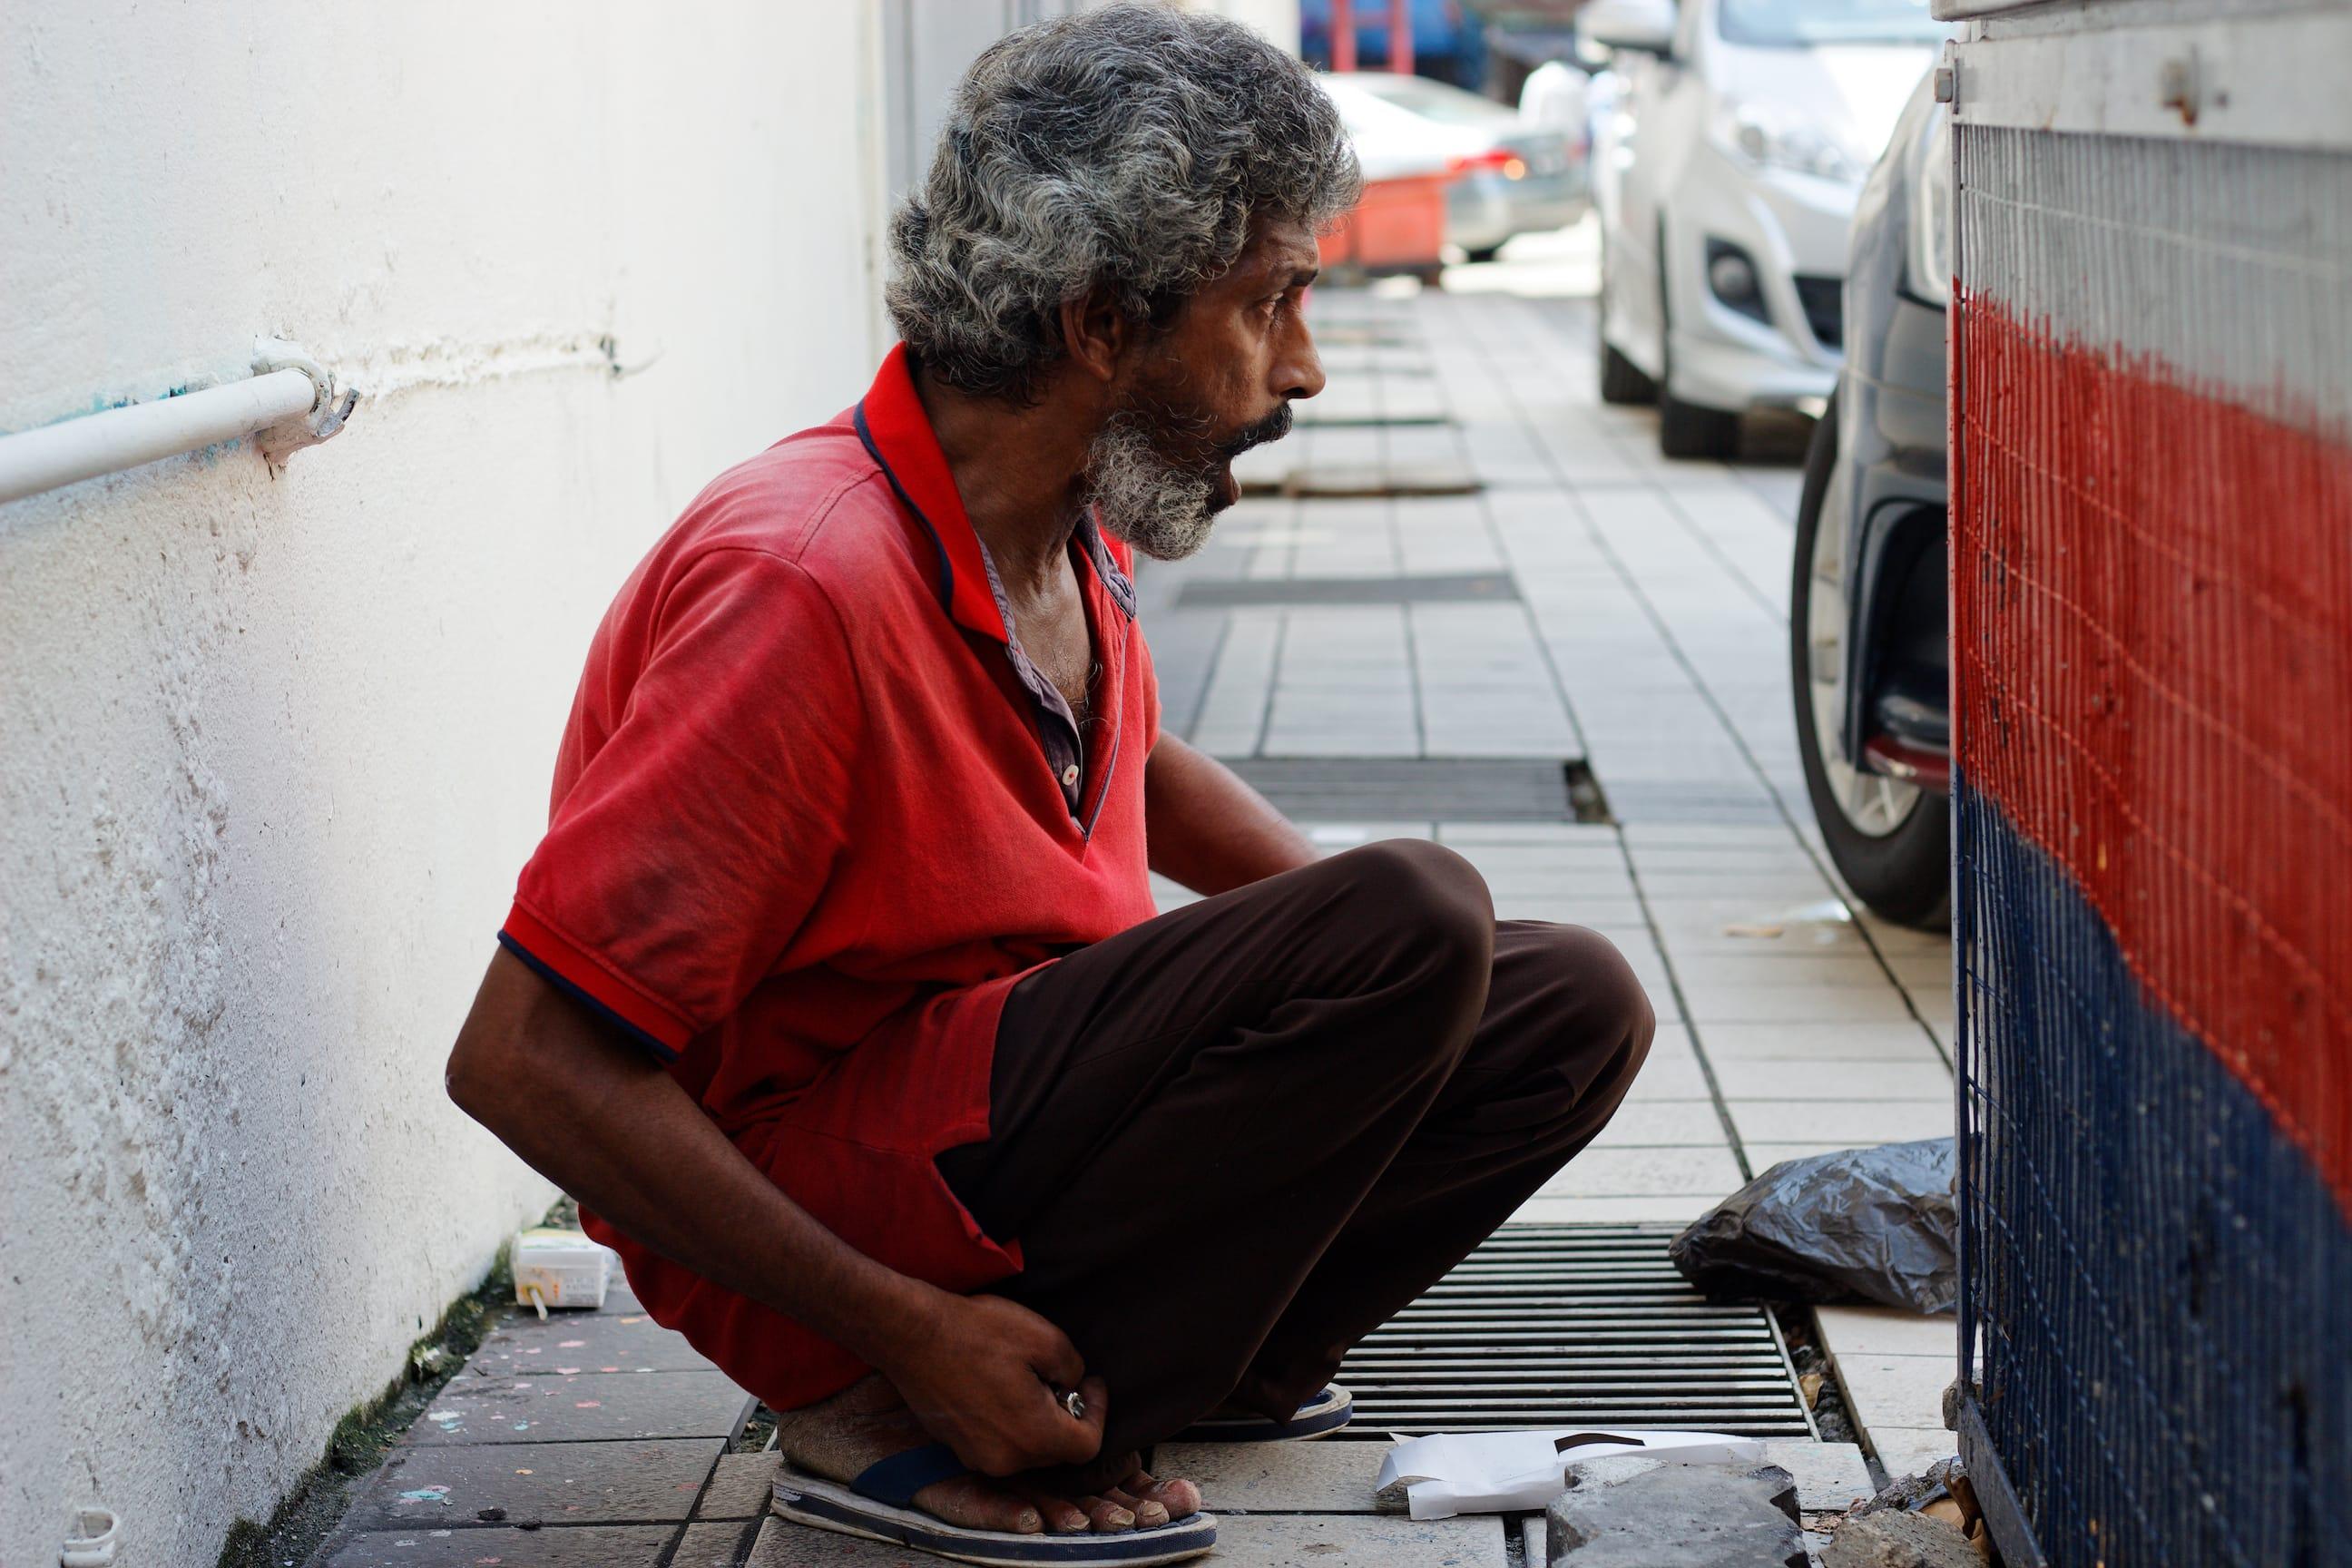 A Homeless Man in Kuala Lumpur Malaysia